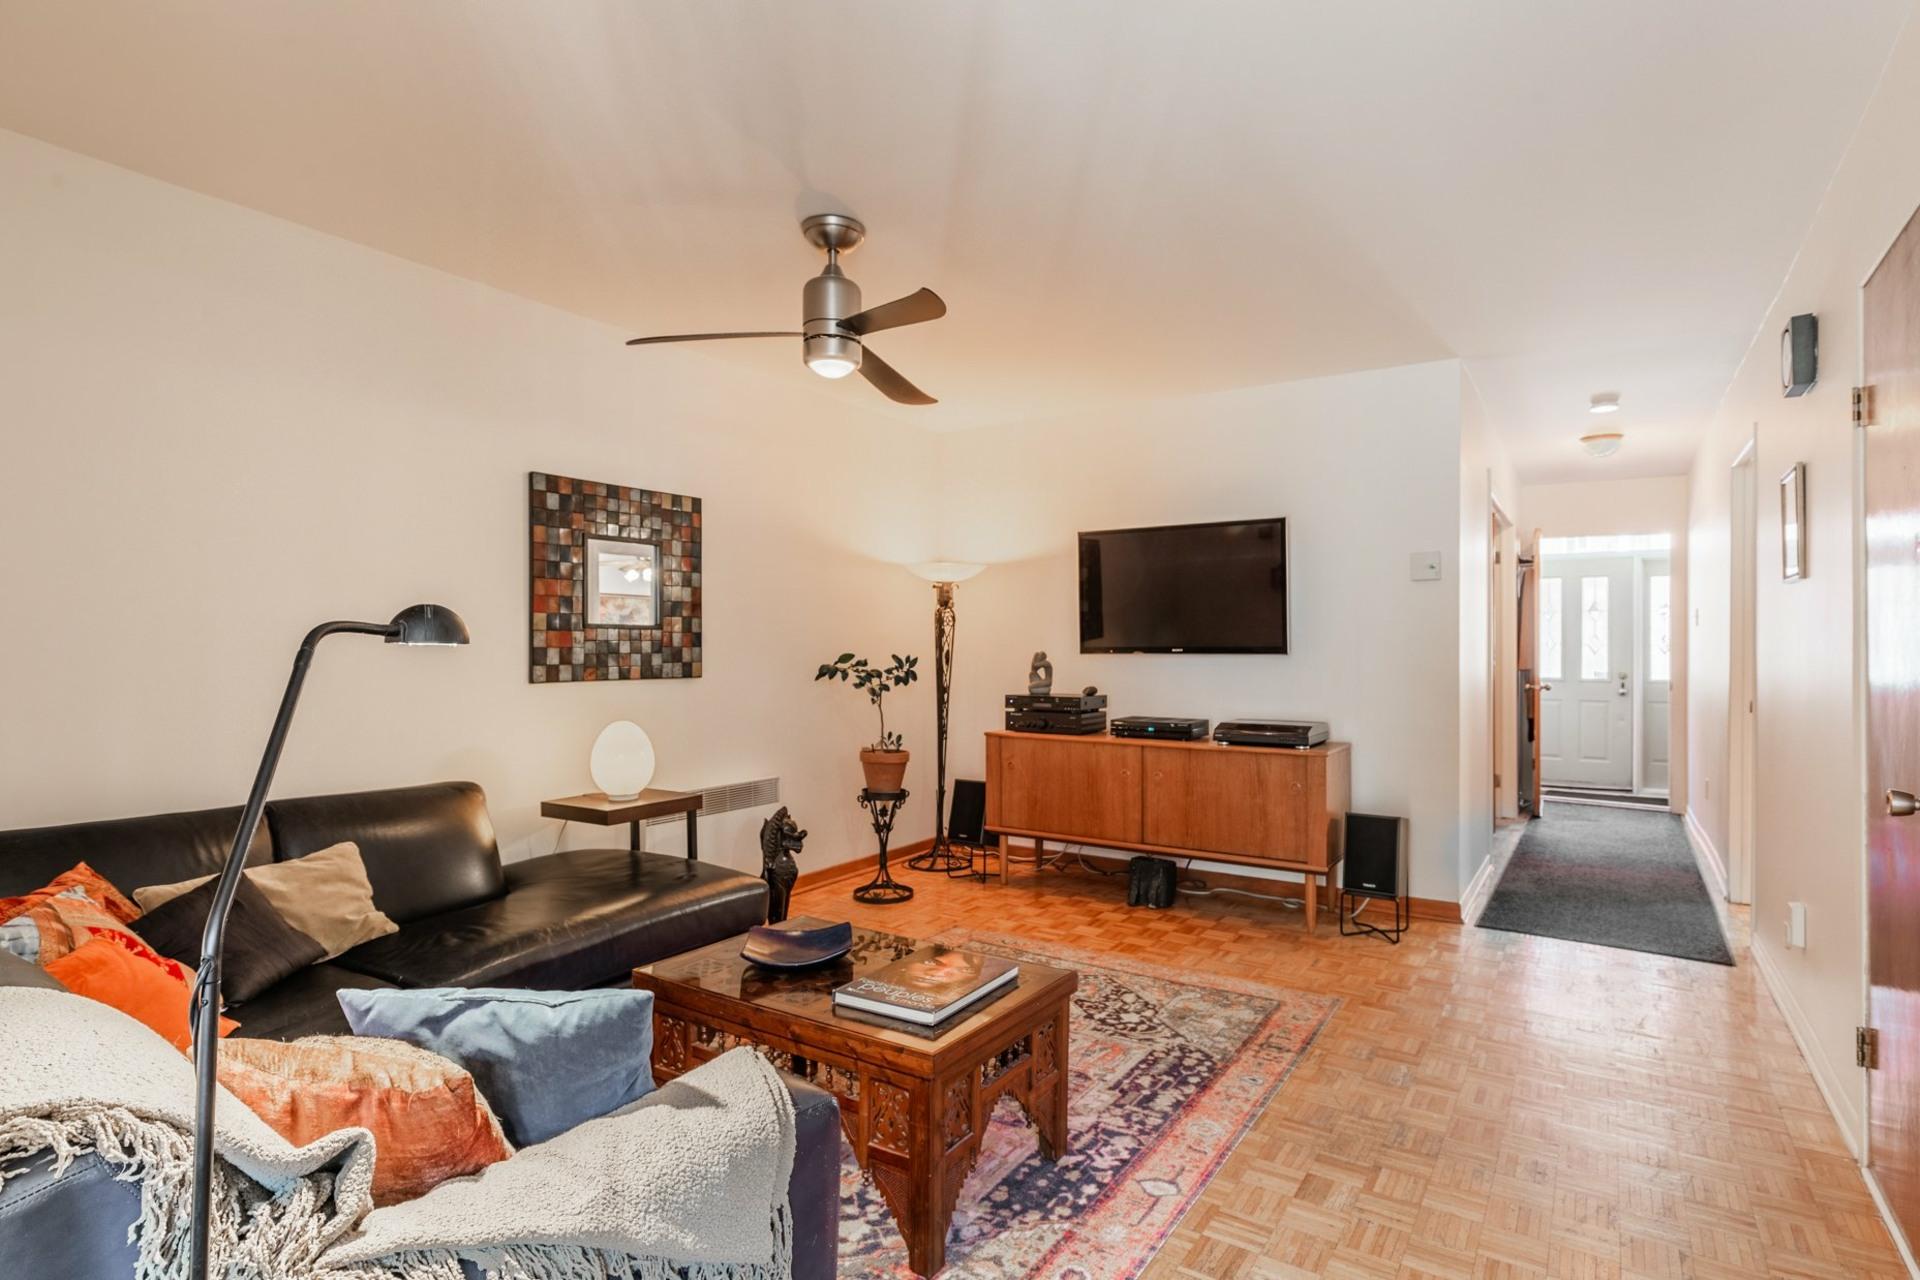 image 7 - Apartment For sale Le Plateau-Mont-Royal Montréal  - 6 rooms